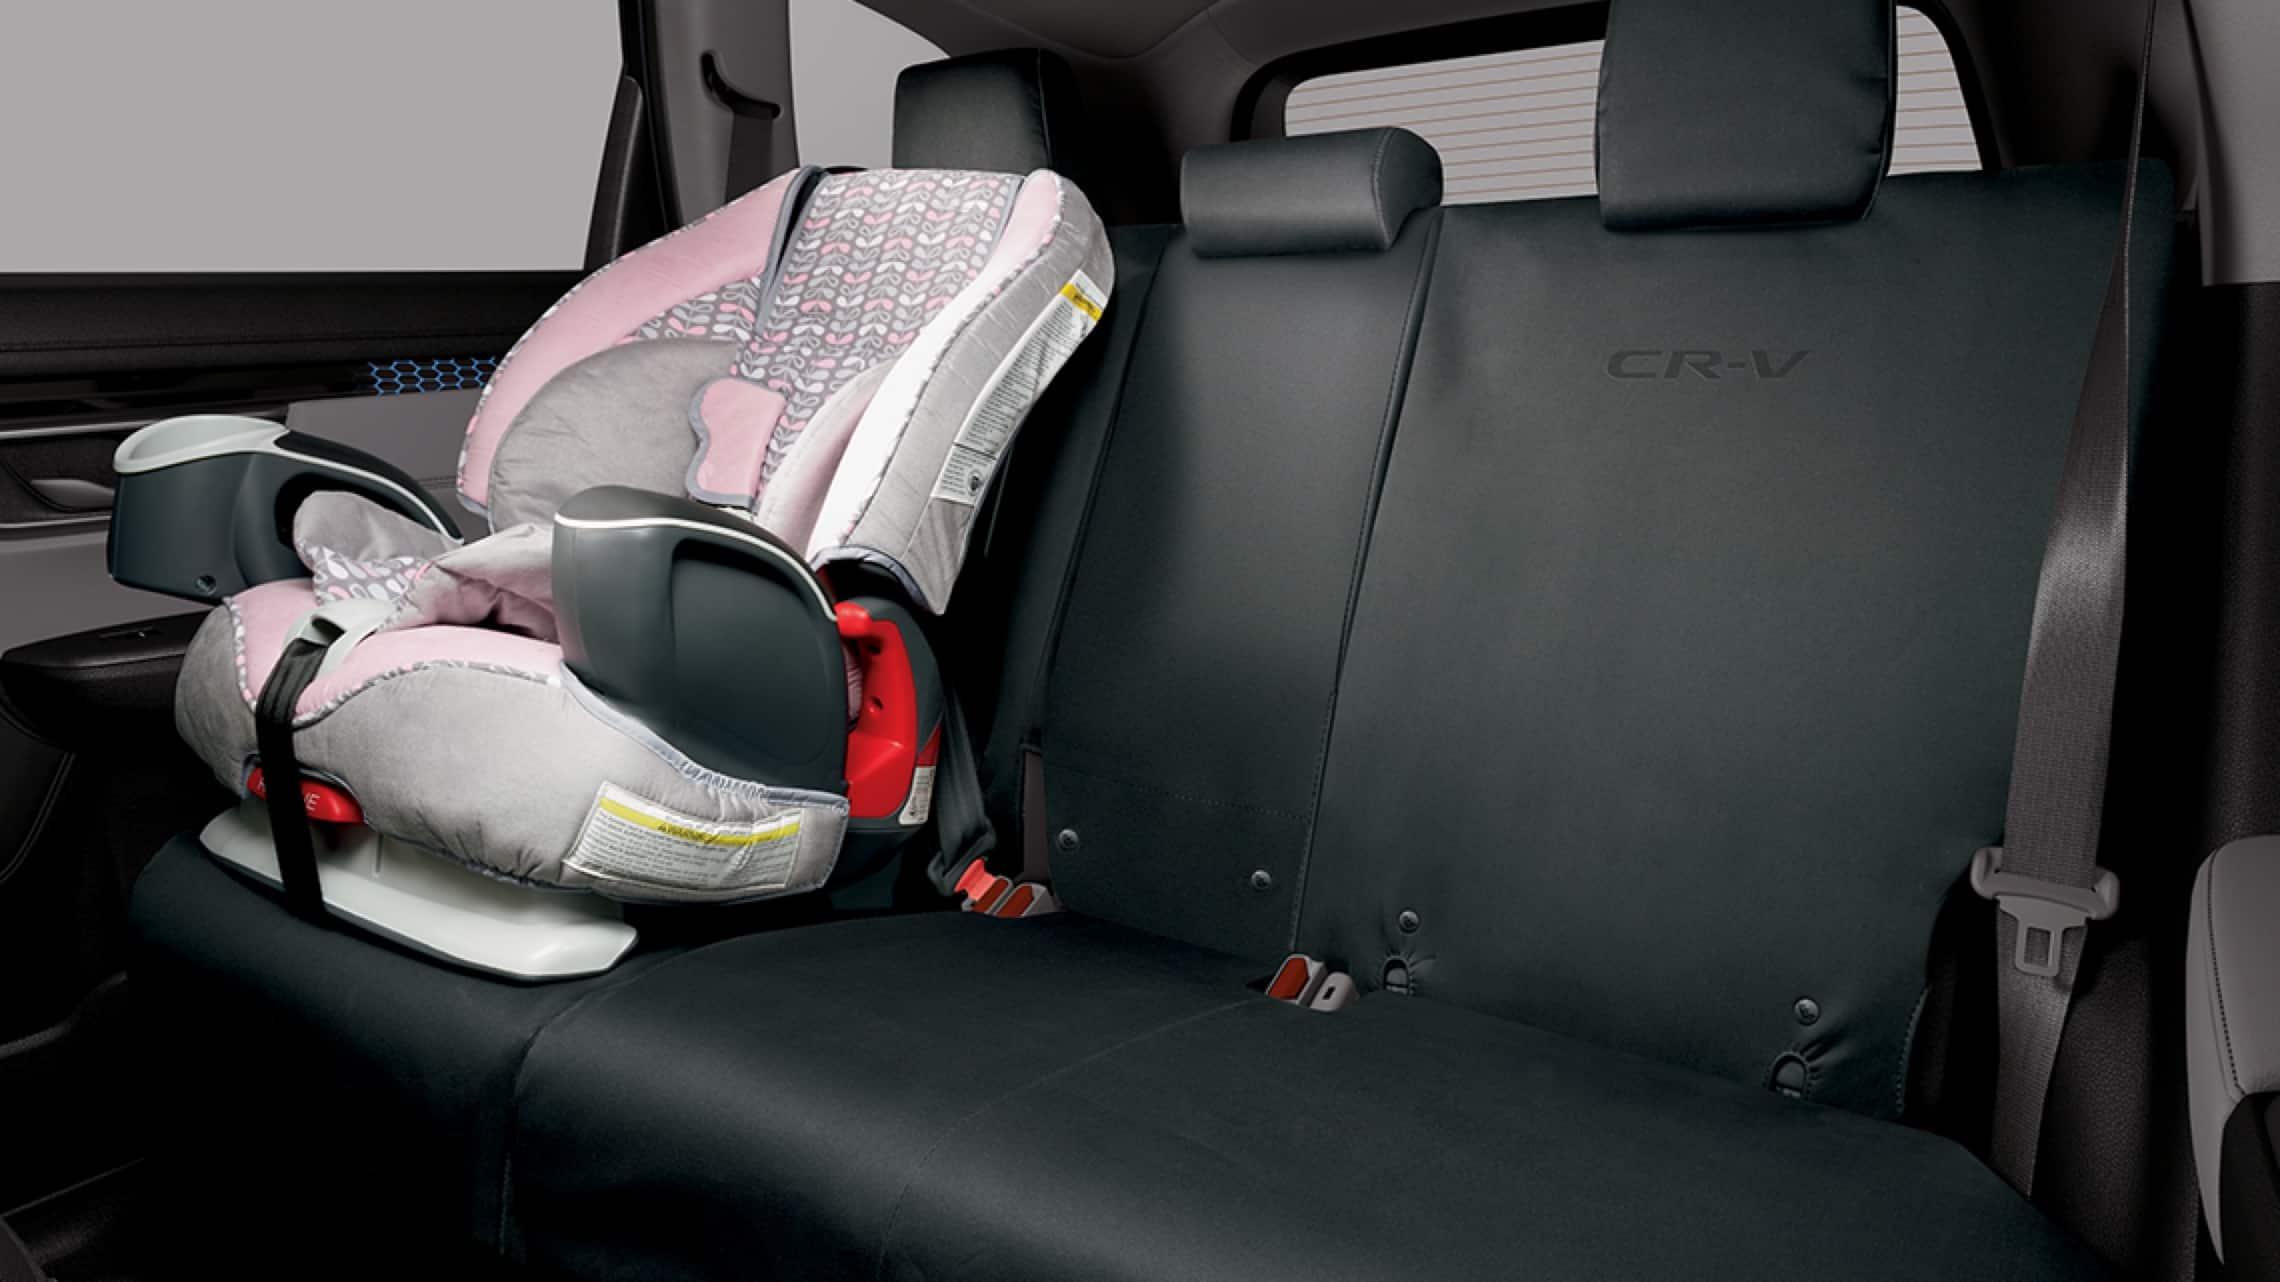 Interior de la Honda CR-V2019 con accesorio de cubiertas para asiento trasero originales de Honda.